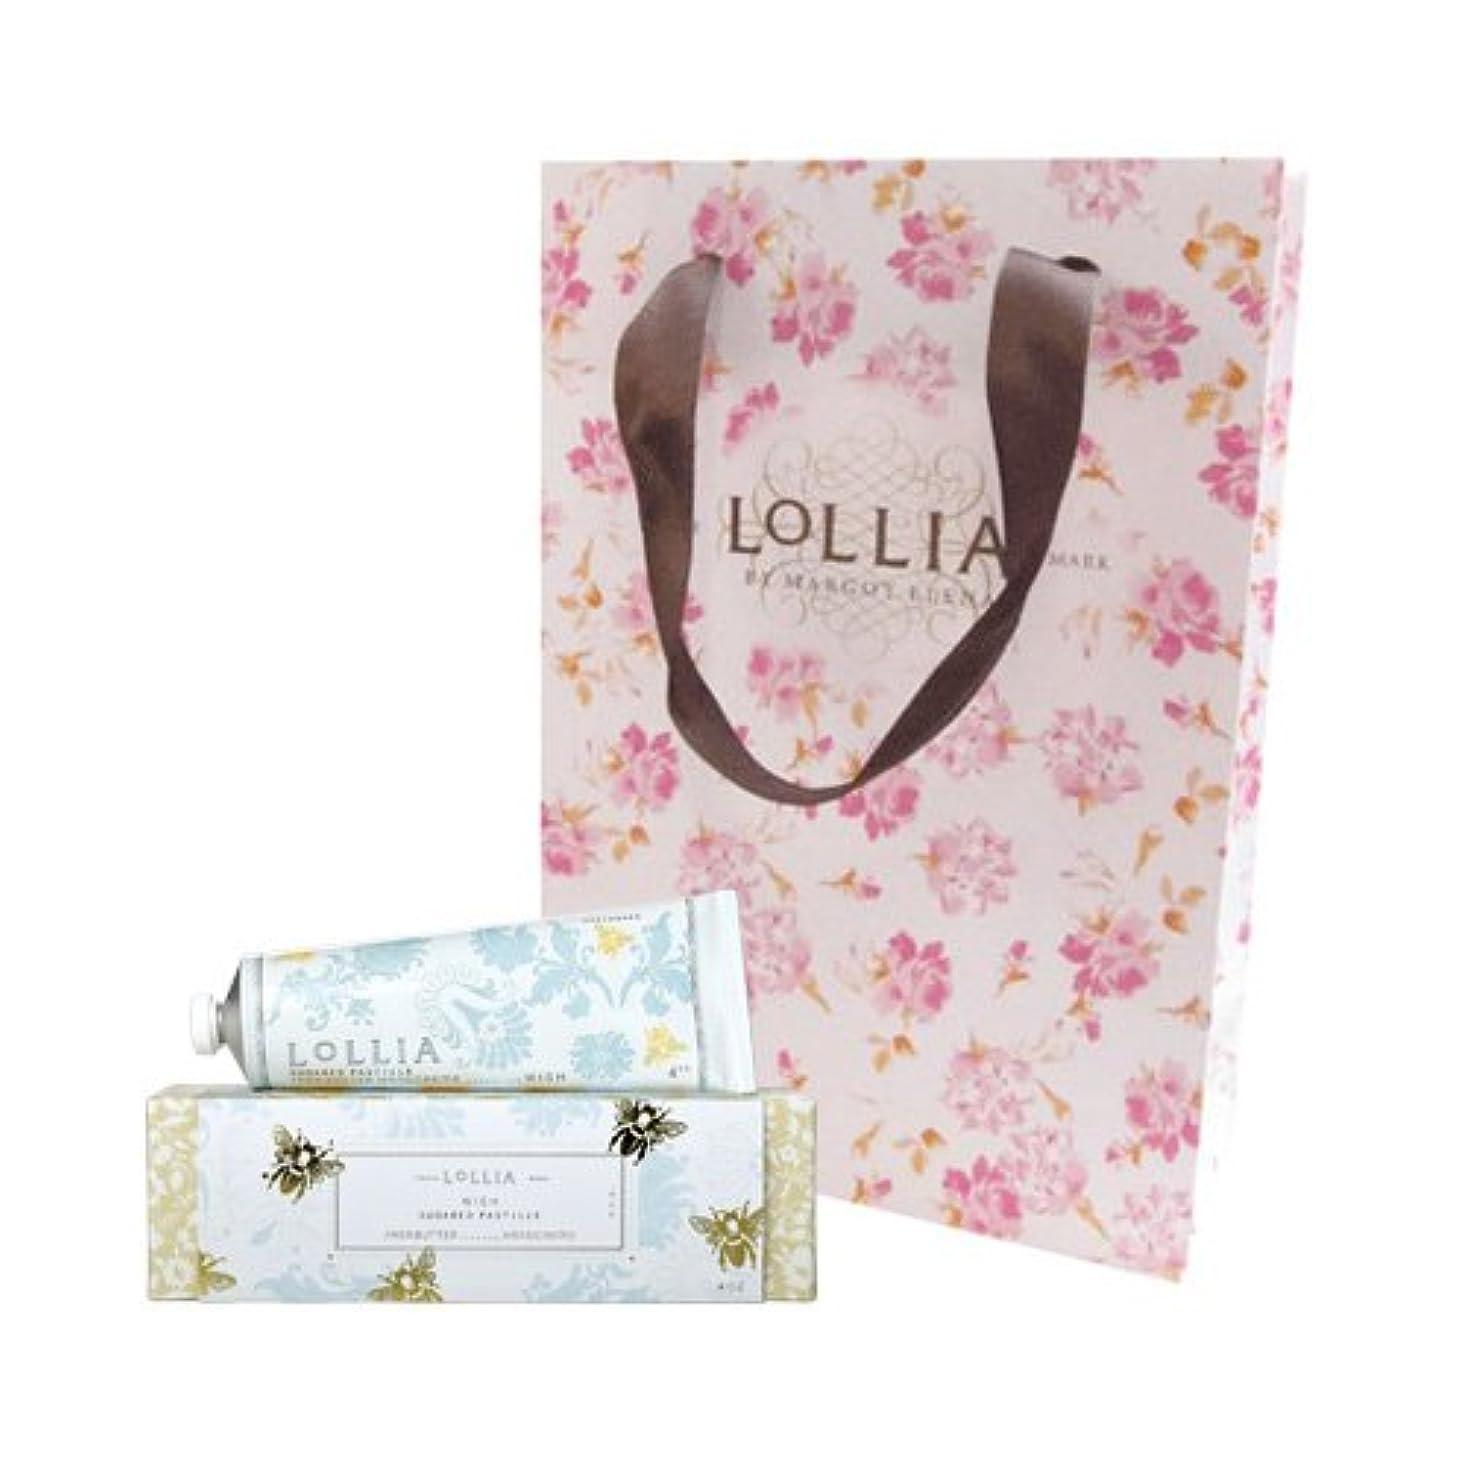 湾うがい達成ロリア(LoLLIA) ハンドクリーム Wish 35g (白い花にしたたる蜜とバニラの甘く切ない願い) ショッパー付